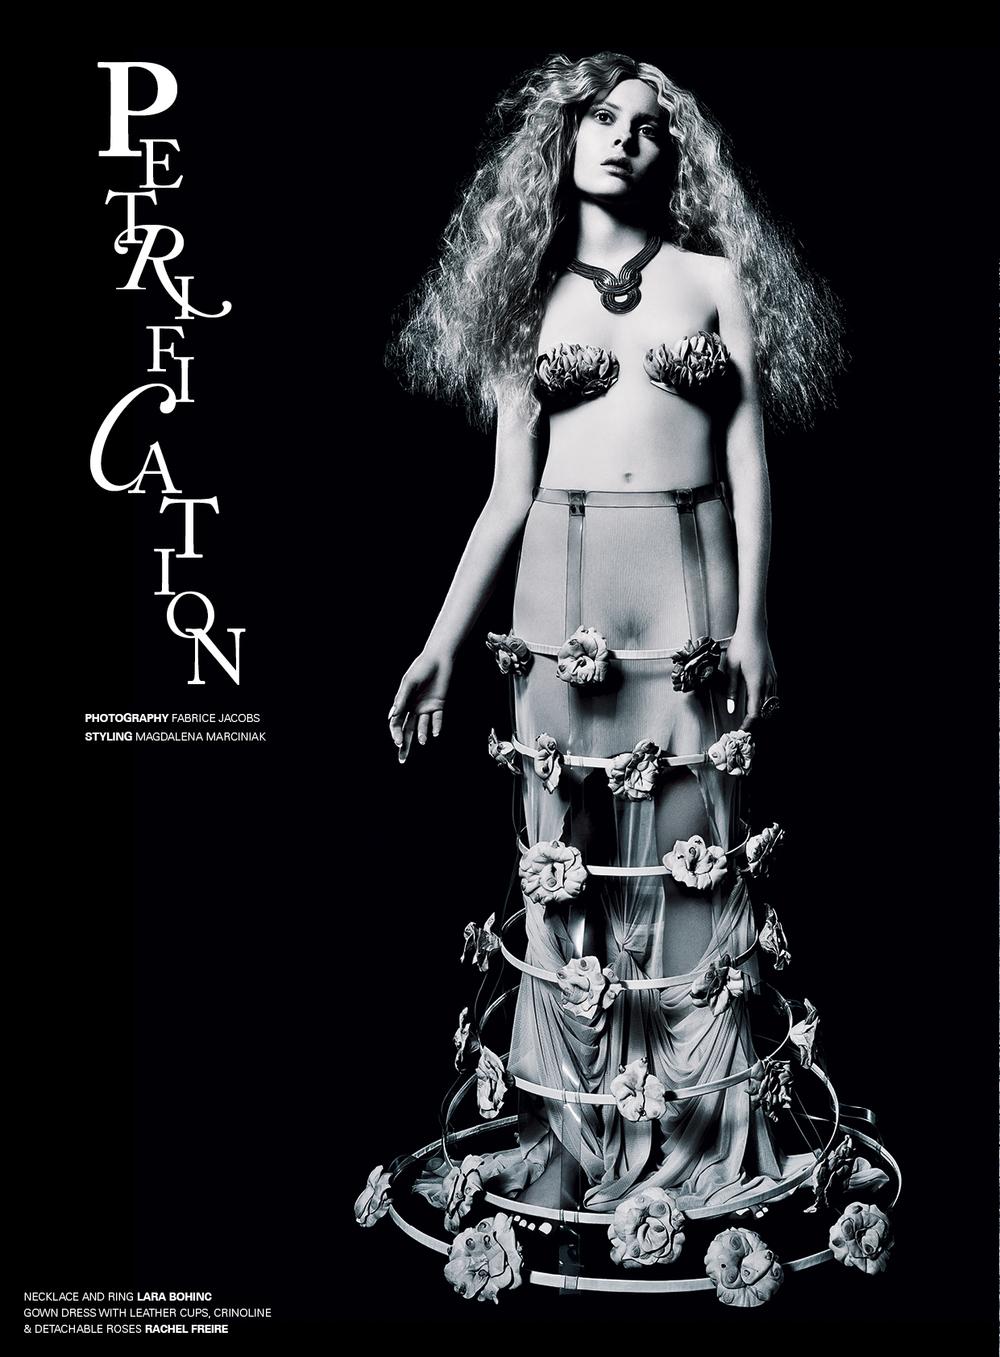 rachelfreire-dramamagazine7-1.jpg